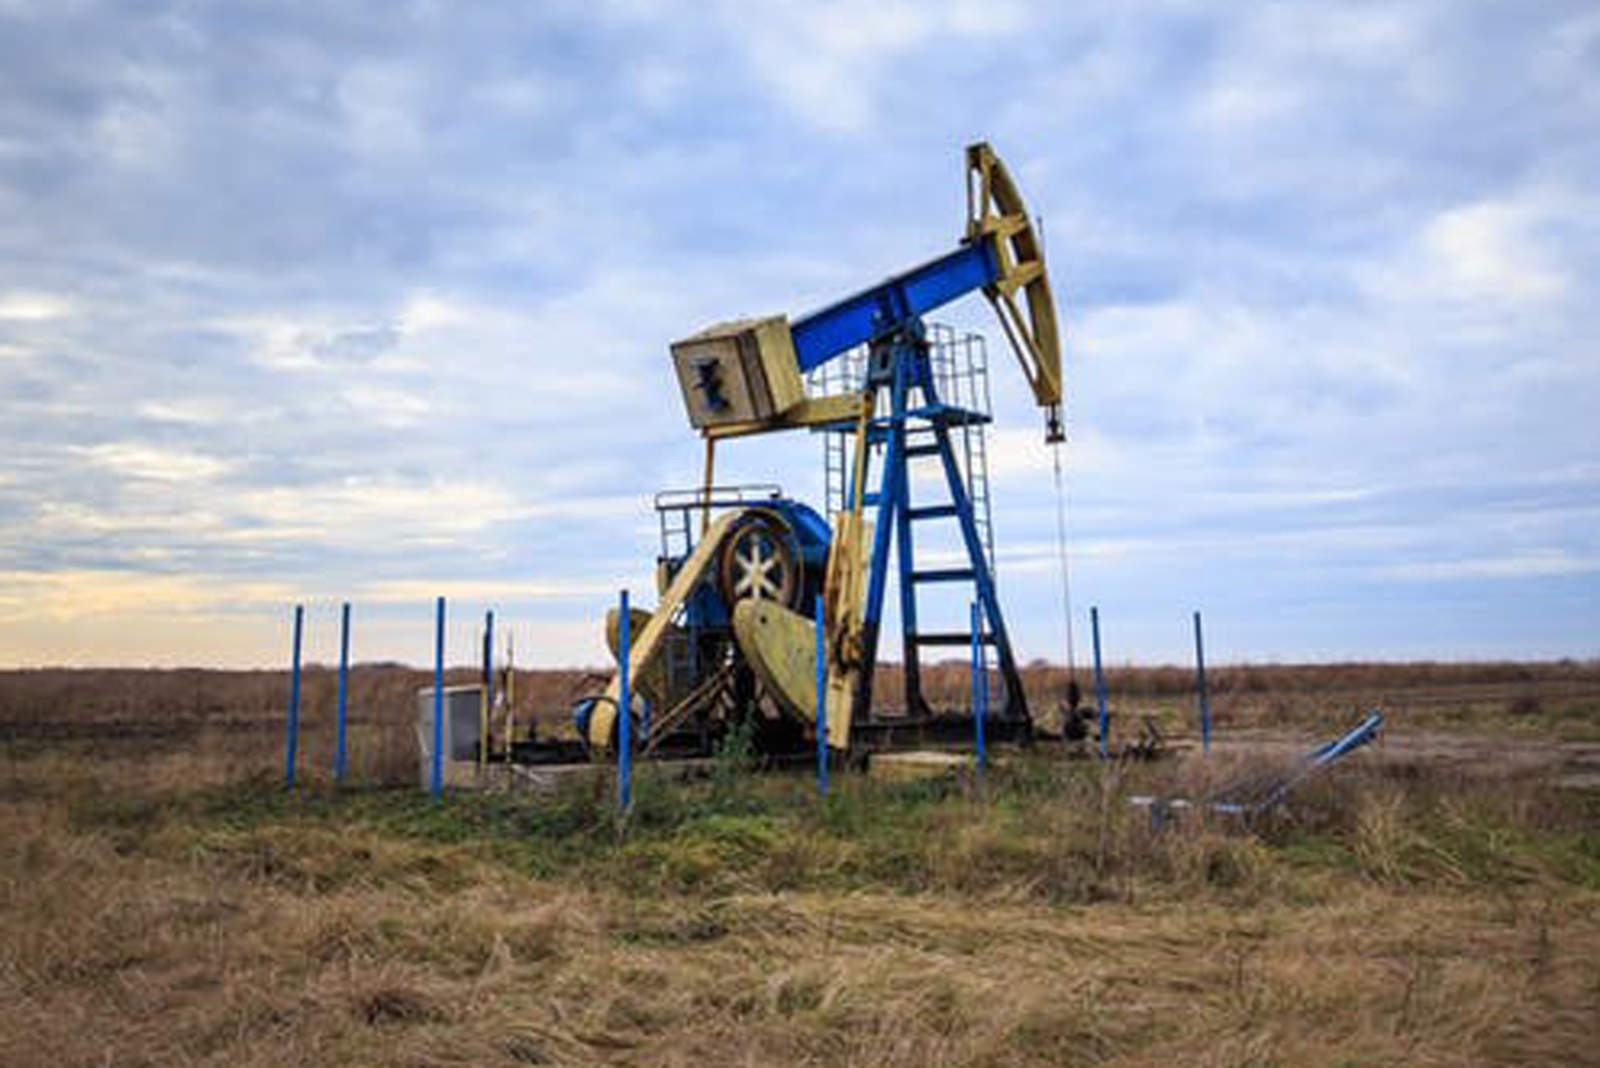 Coahuila: Respetarán derechos que adquirió Lewis Energy con Pemex (El Siglo de Torreón)